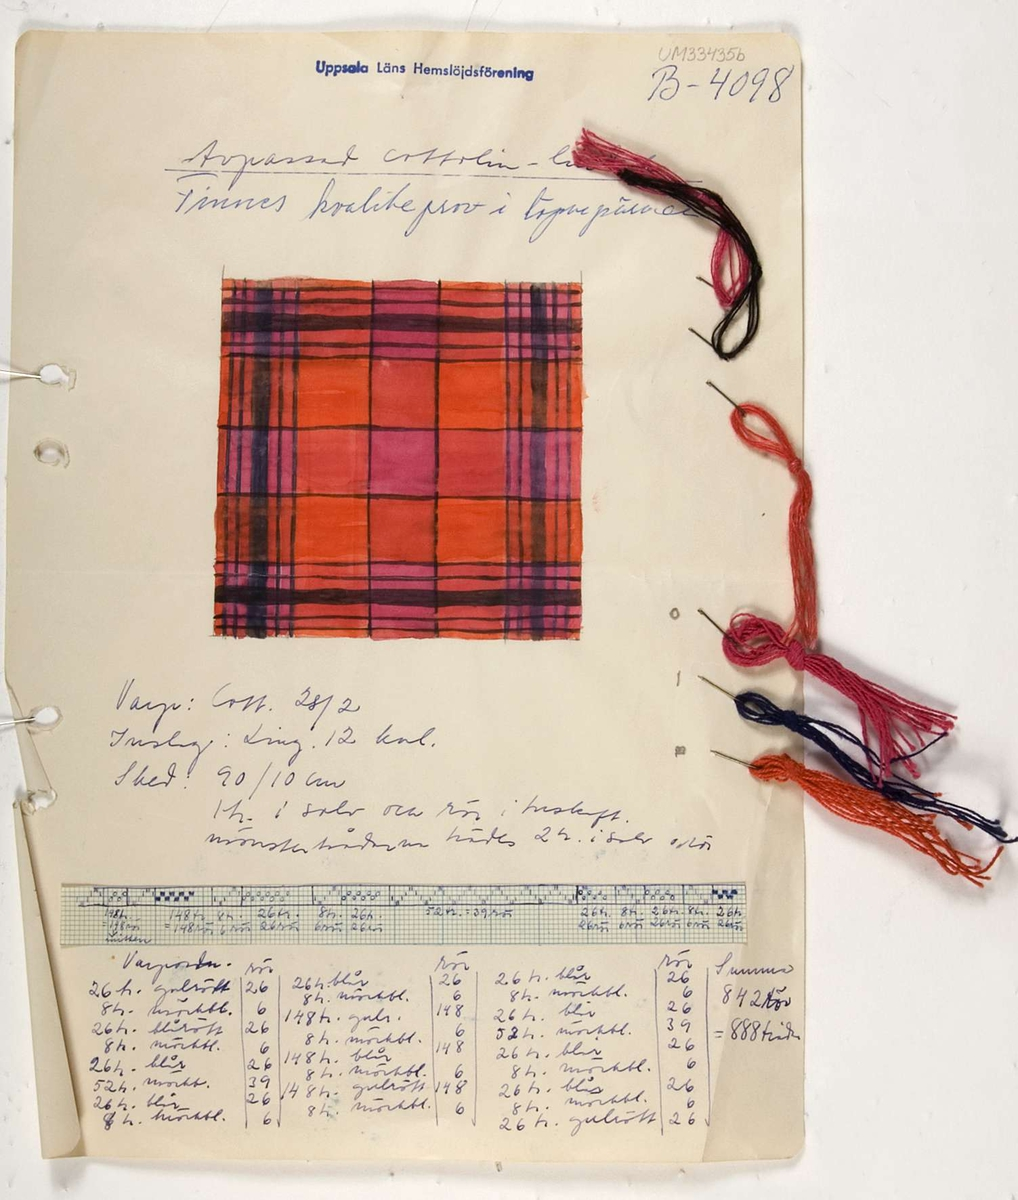 Ett papper med en vattenfärgsskiss i orange, rött och svart. Papperet är märkt B-4098 och innehåller även information om material och vävning. Fasthäftat vid papperet sitter garnprover av lin och cottolin.